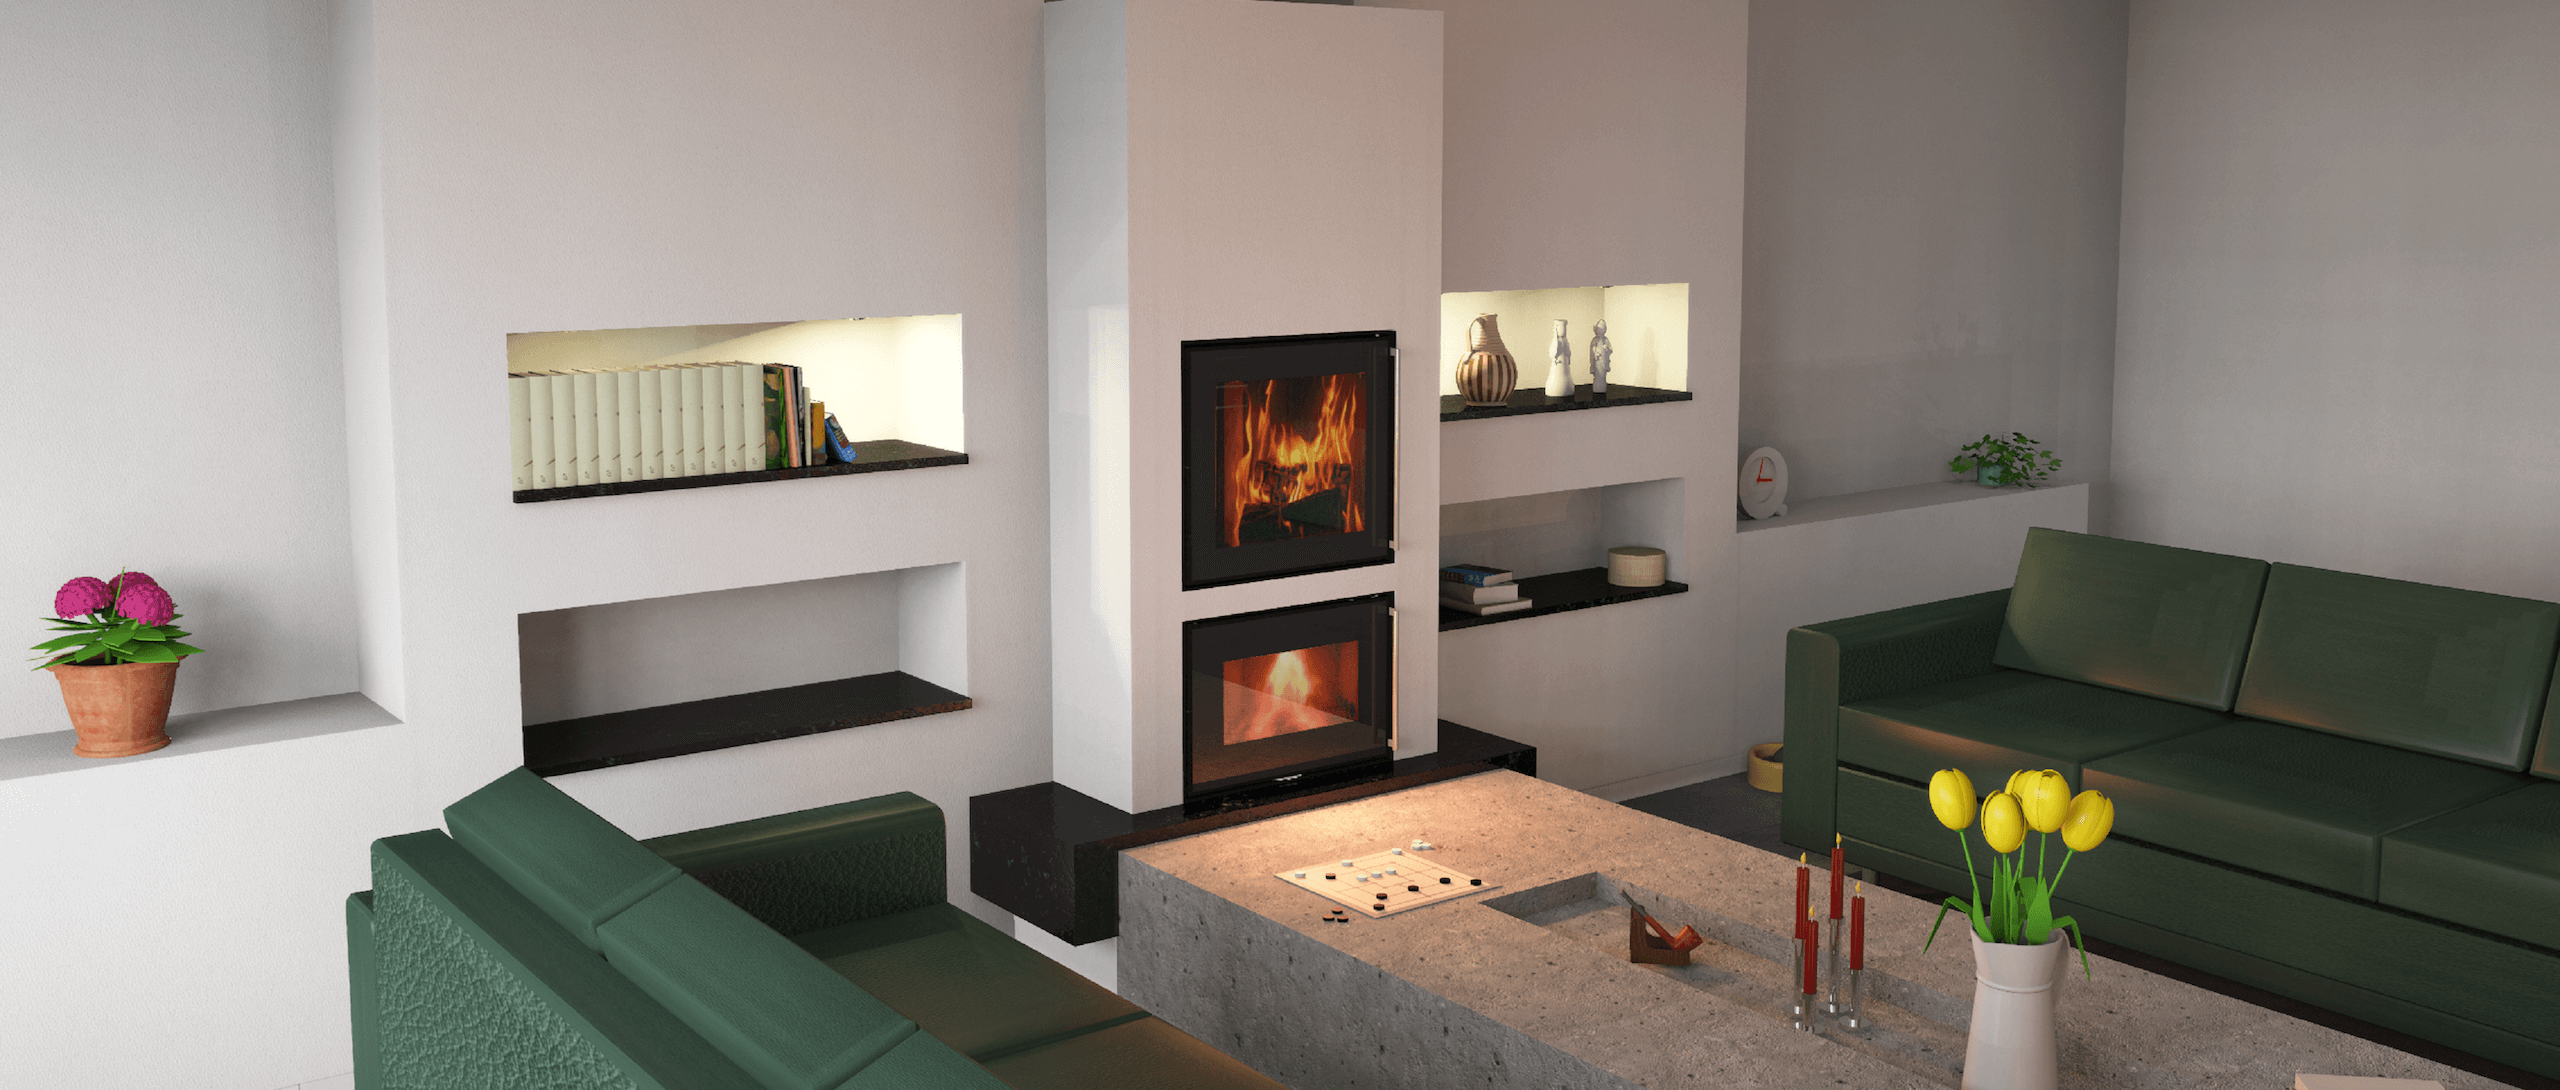 feuerungsrost passend f r kago kaminofen colmar kamineinsatz goliath mit dom kovi sturzbrand fen. Black Bedroom Furniture Sets. Home Design Ideas